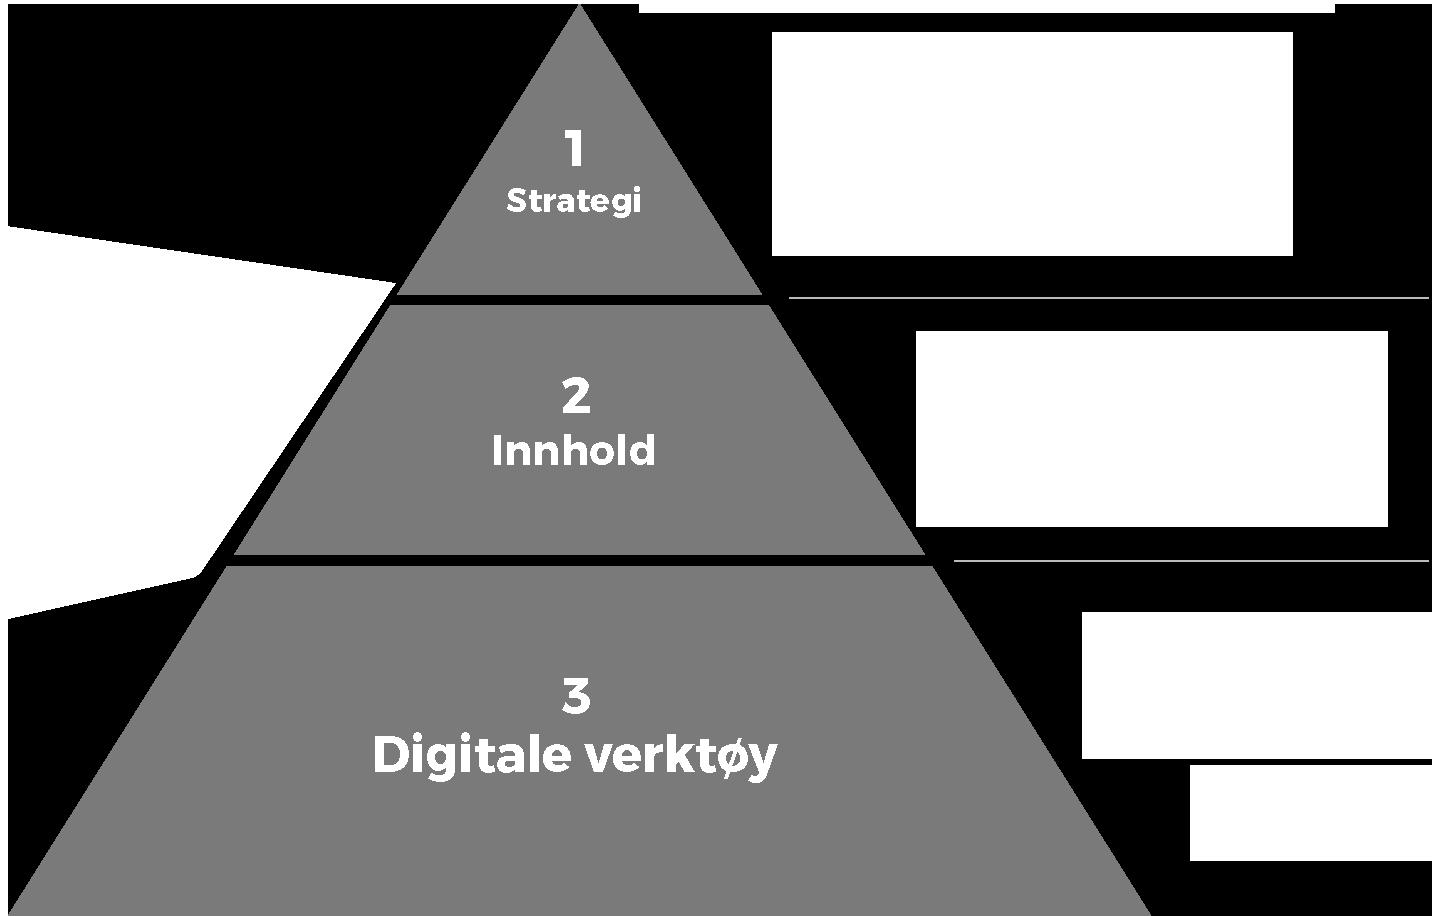 Ulike digitale nivåer: Strategi, innhold og digitale verktøy